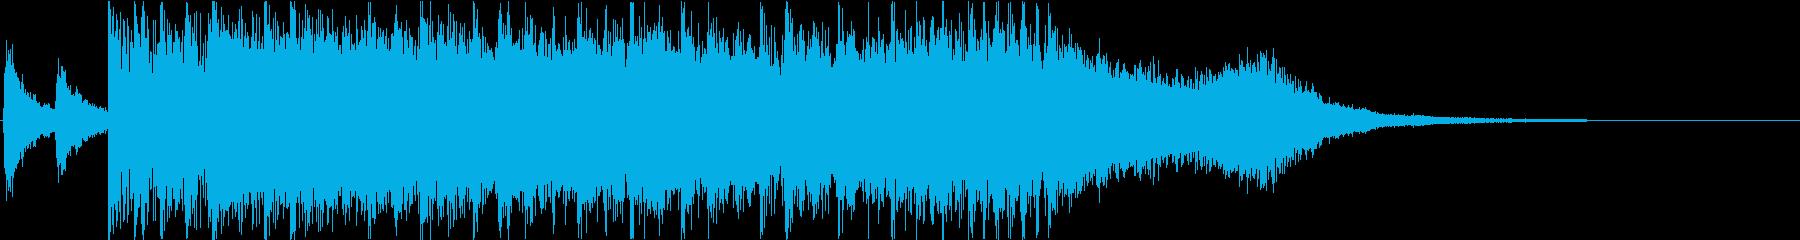 激しいロック調のオープニングジングルの再生済みの波形